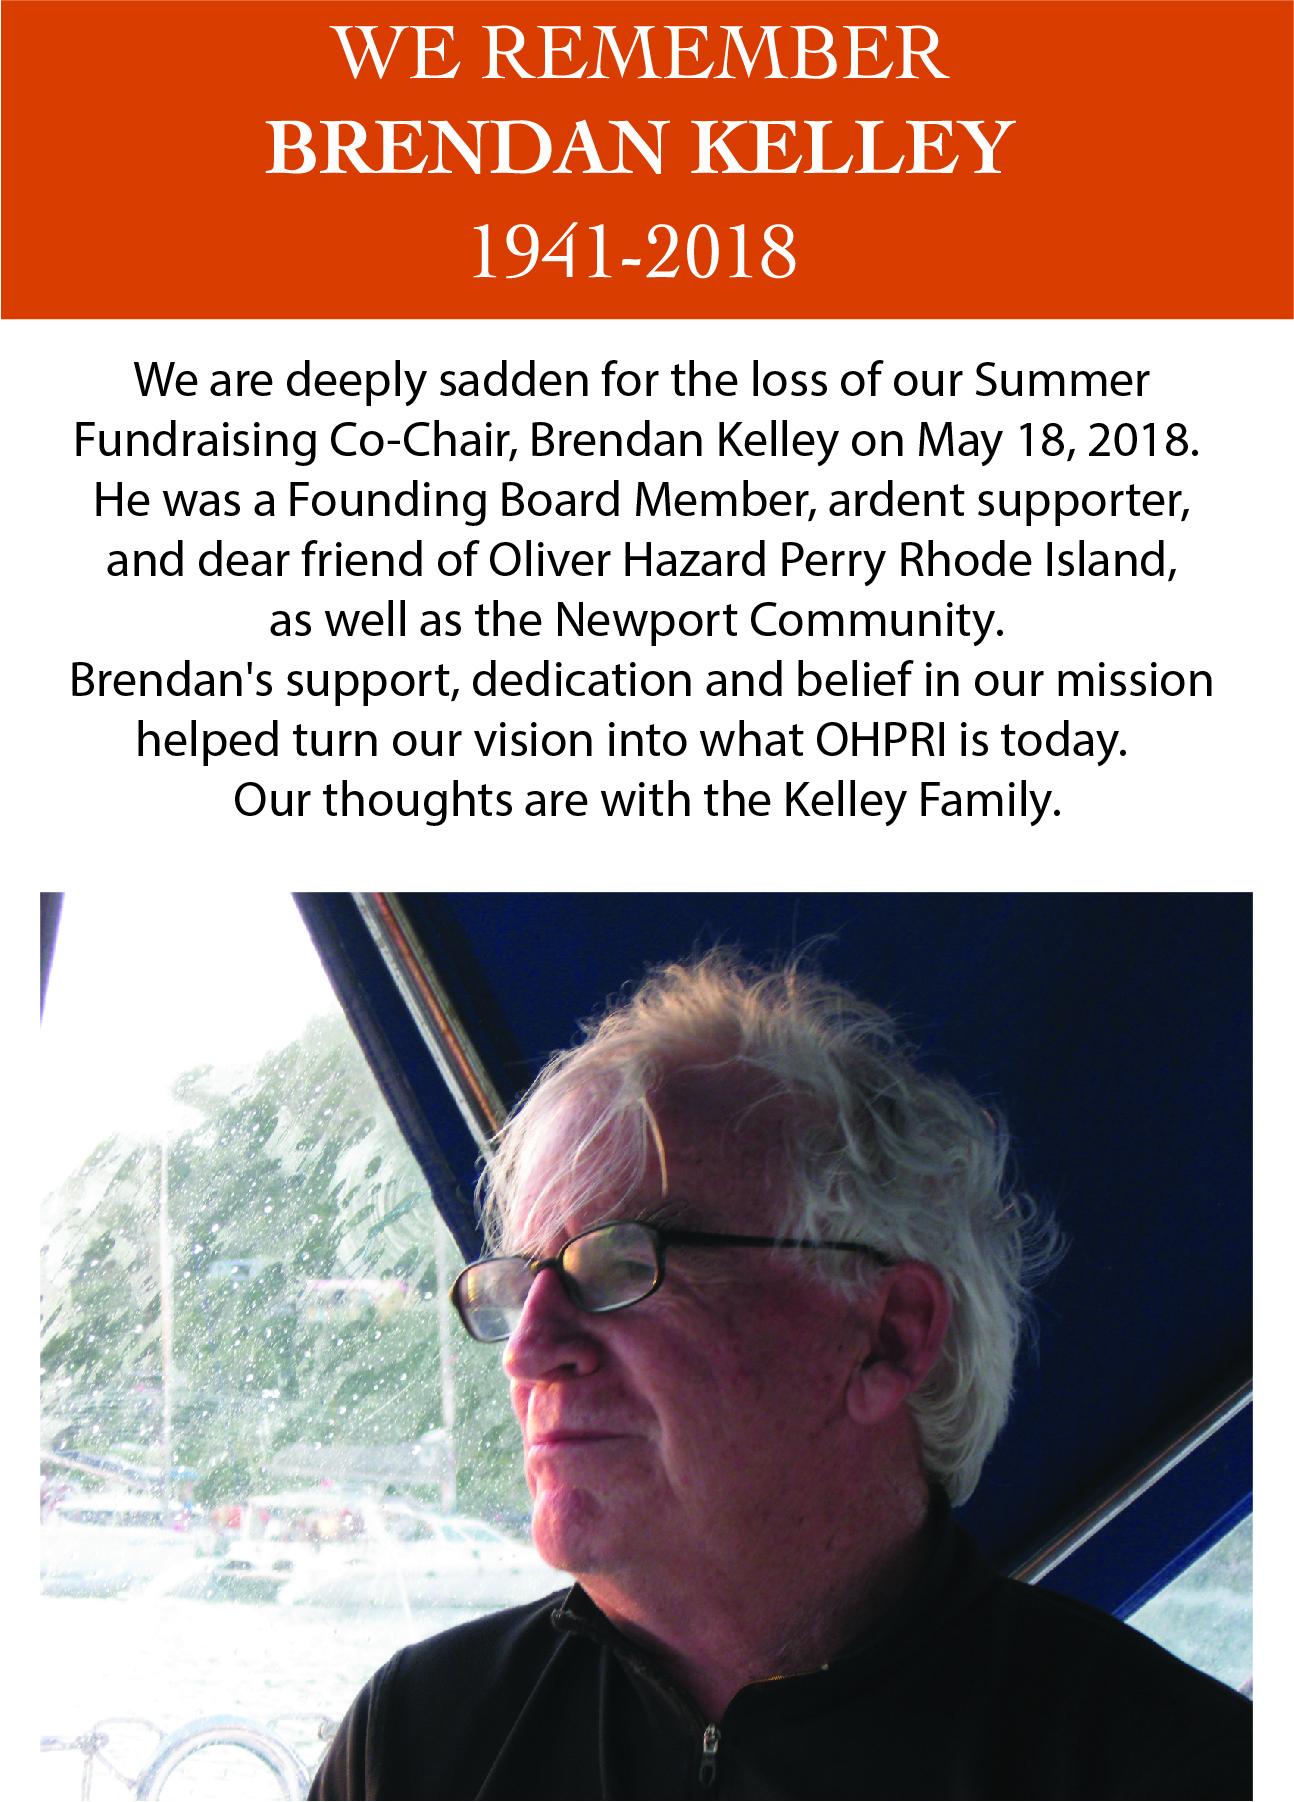 We remember Brendan Kelley (2).jpg